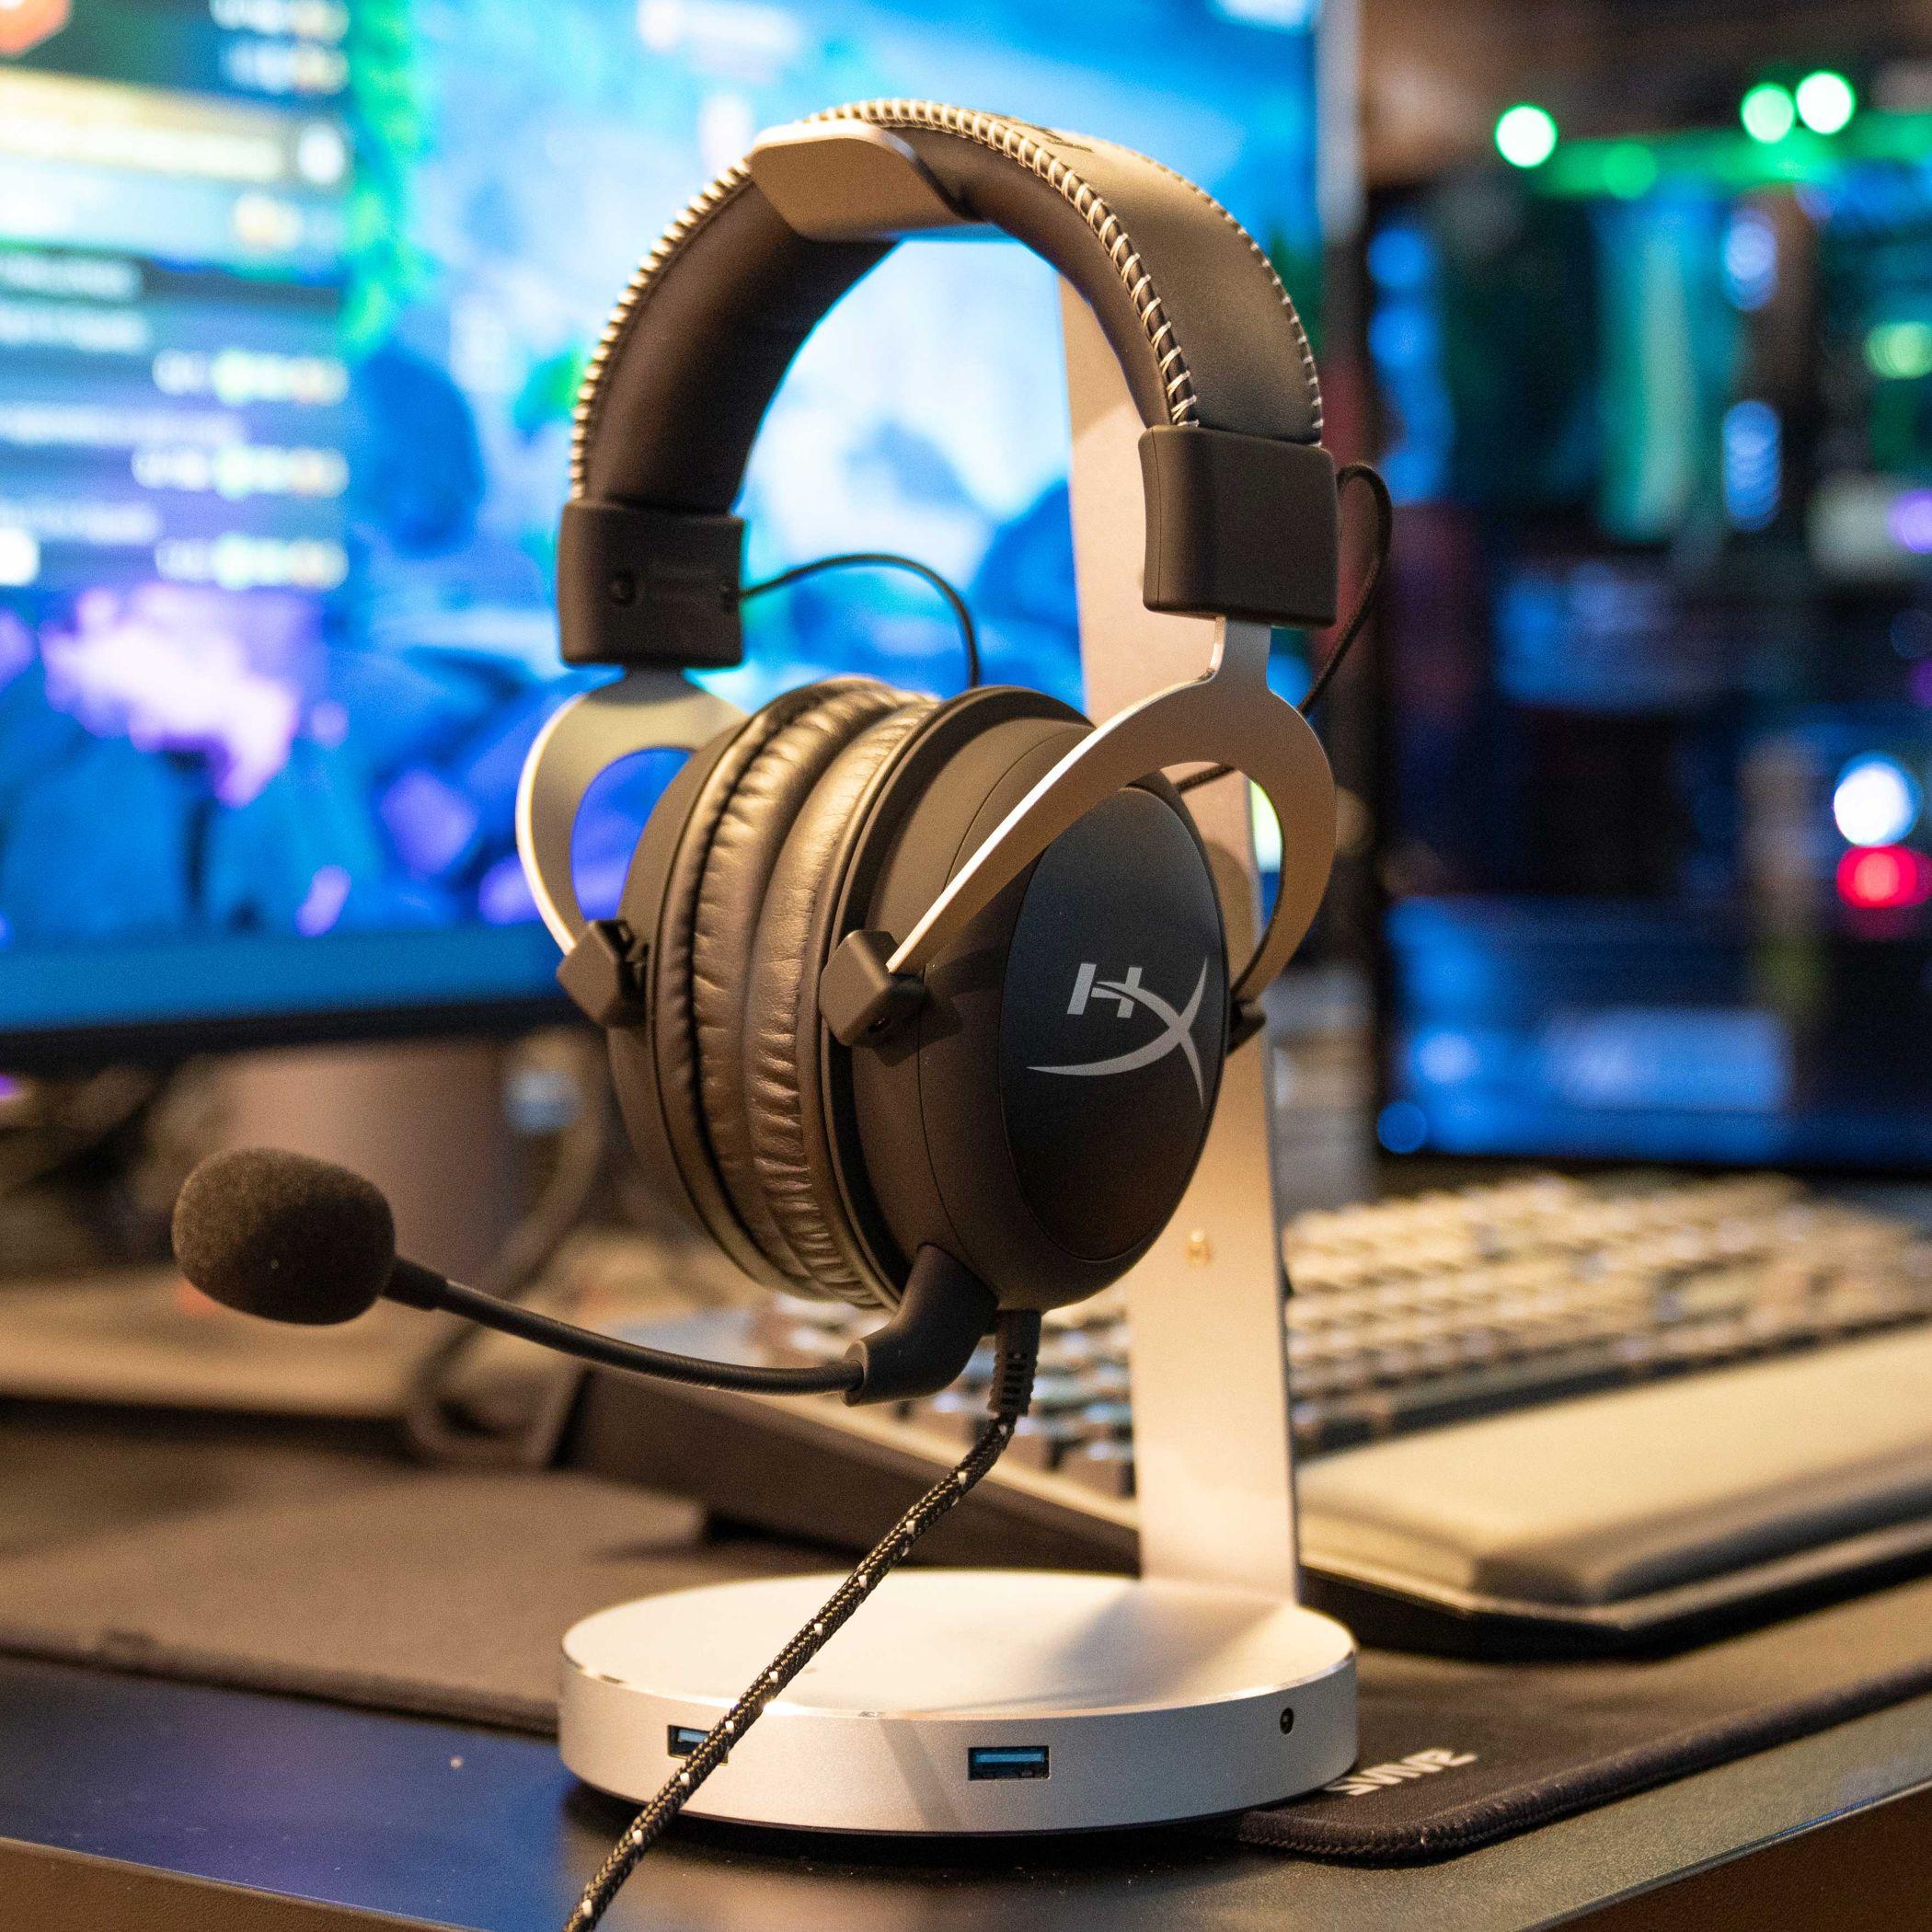 Annonsørinnhold: De beste gaming headsettene akkurat nå